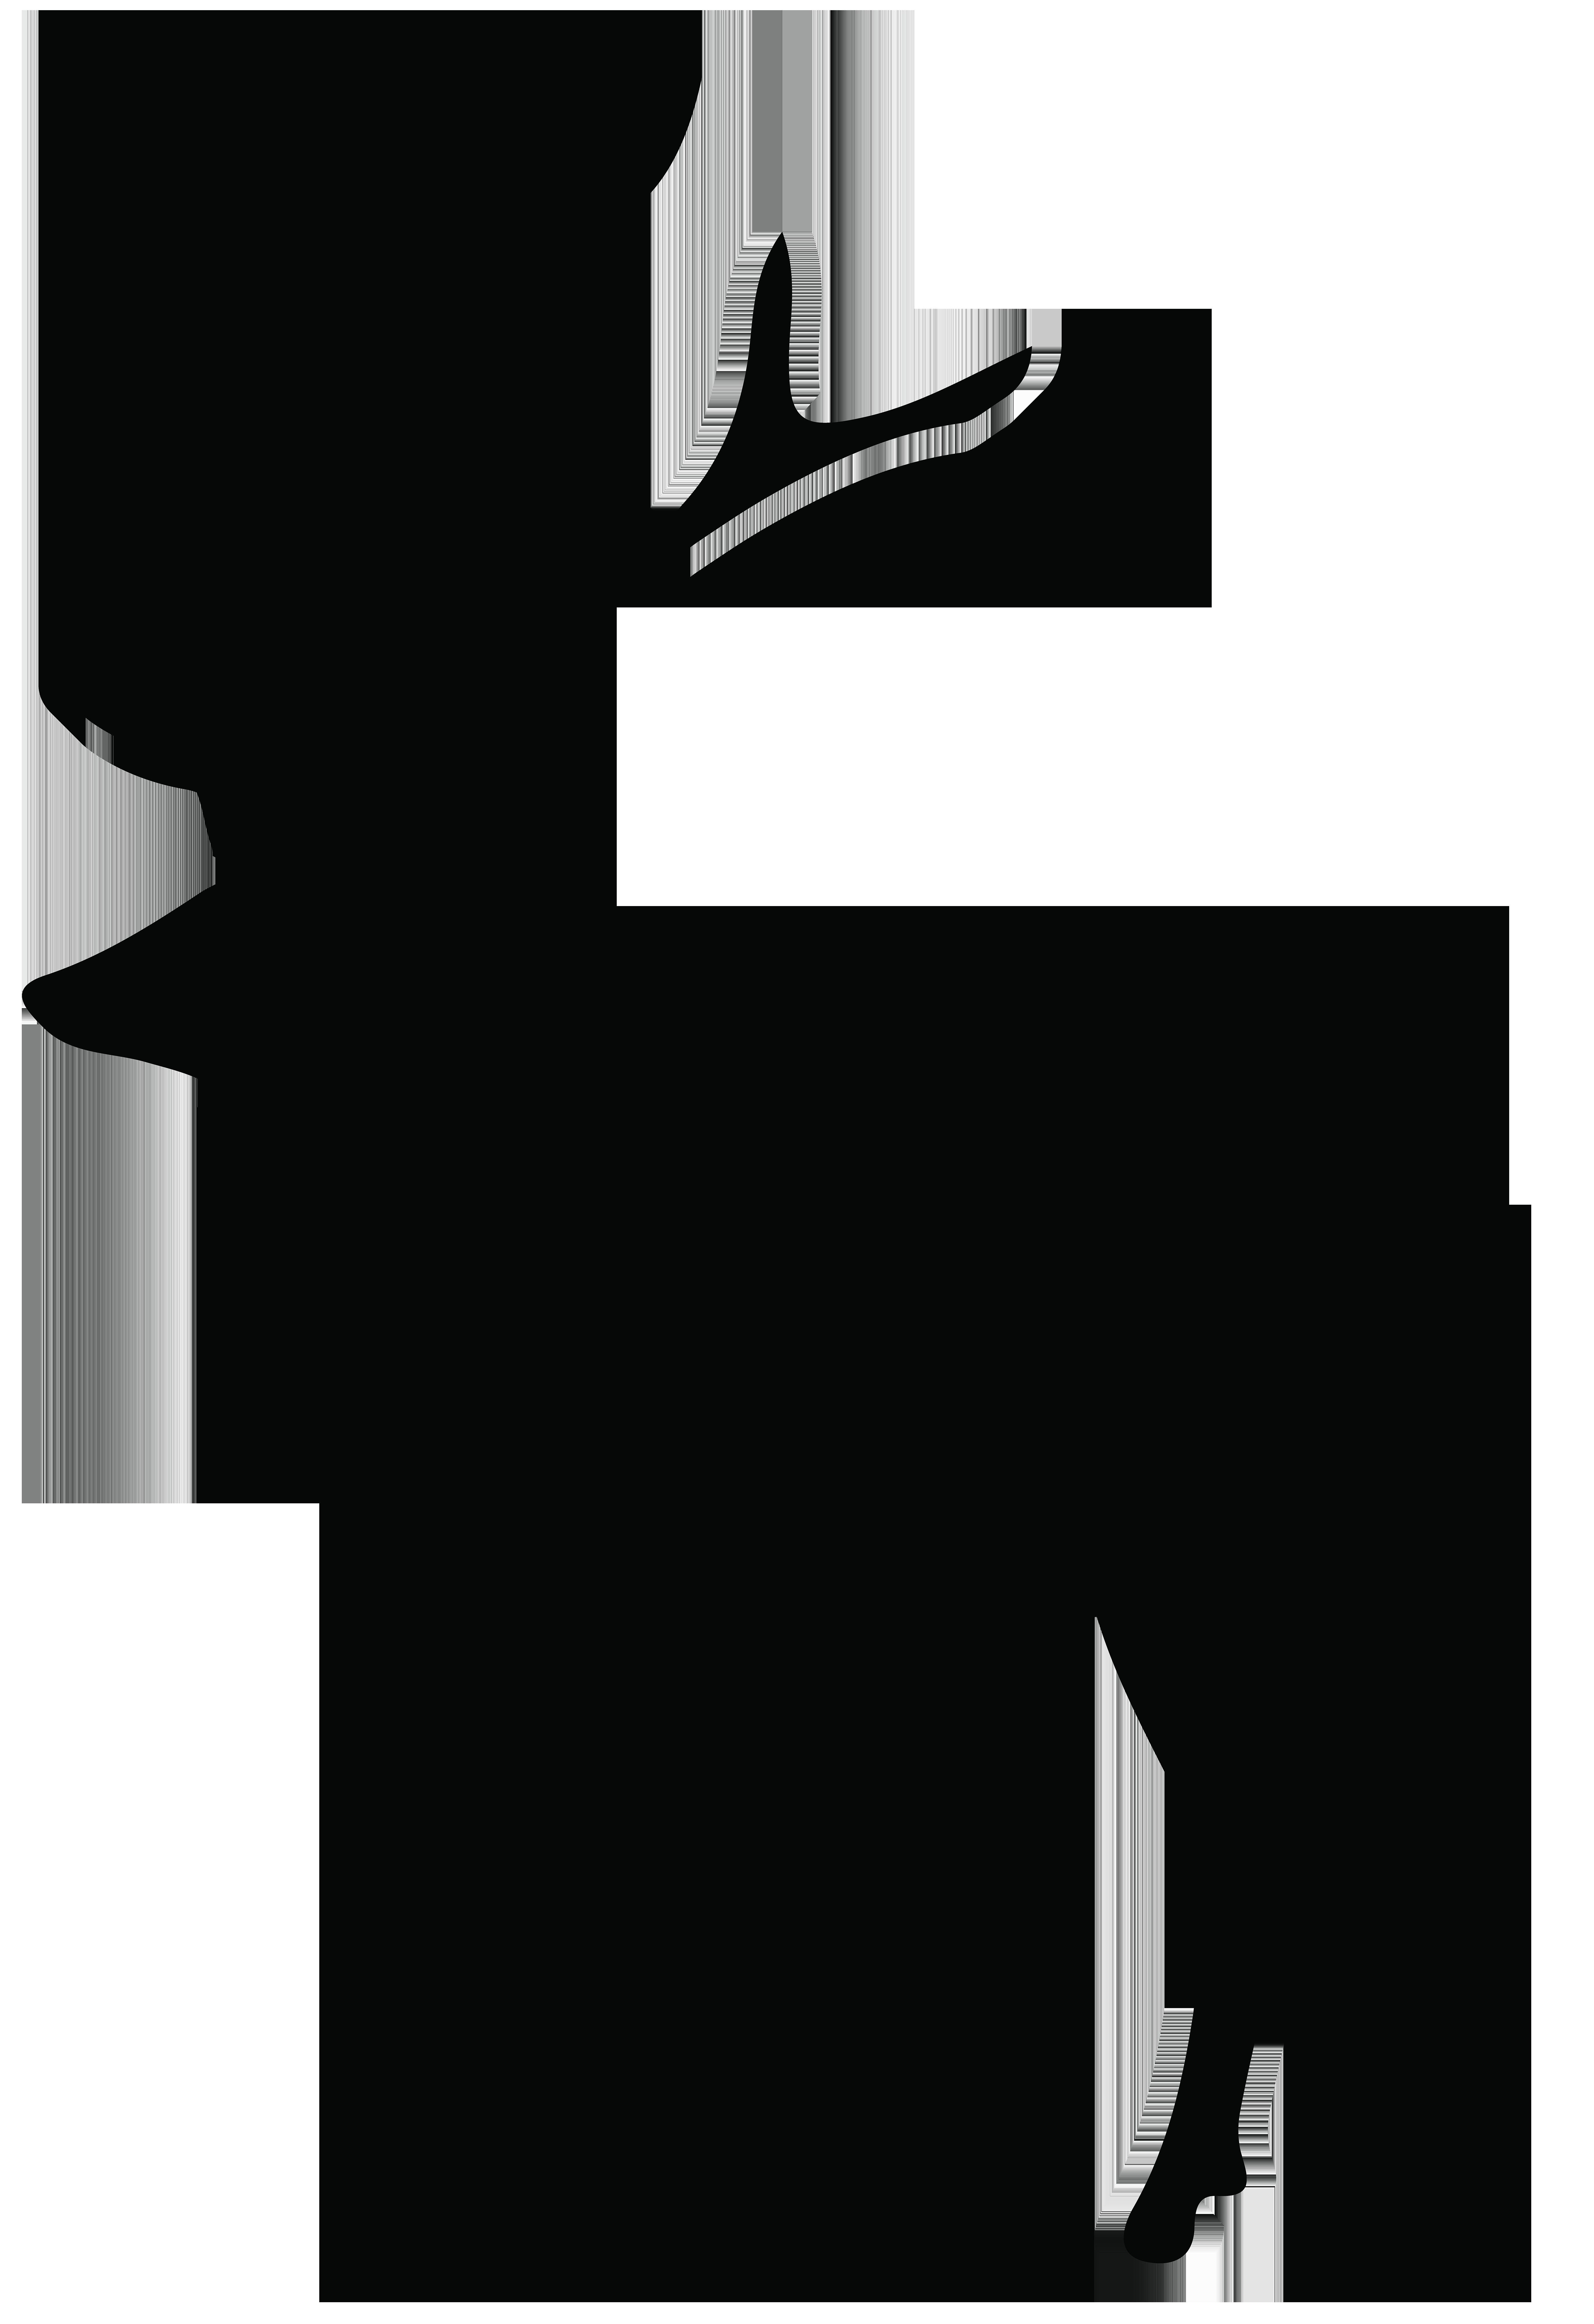 5487x8000 Deer Silhouette Png Transparent Clip Art Imageu200b Gallery